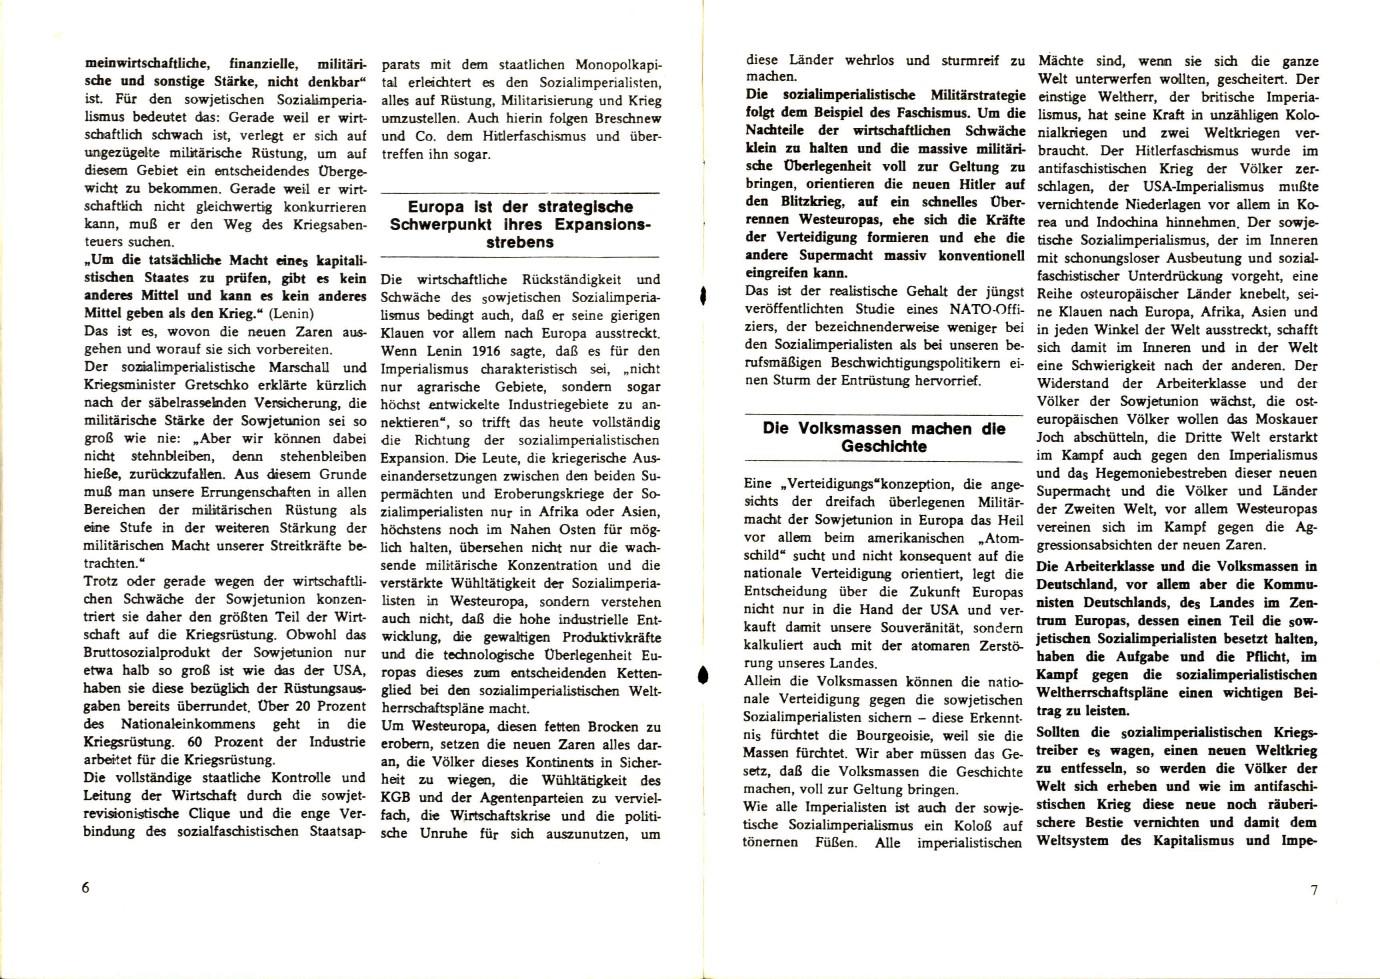 KPDAO_1976_Artikel_DKP_Breschnew_05